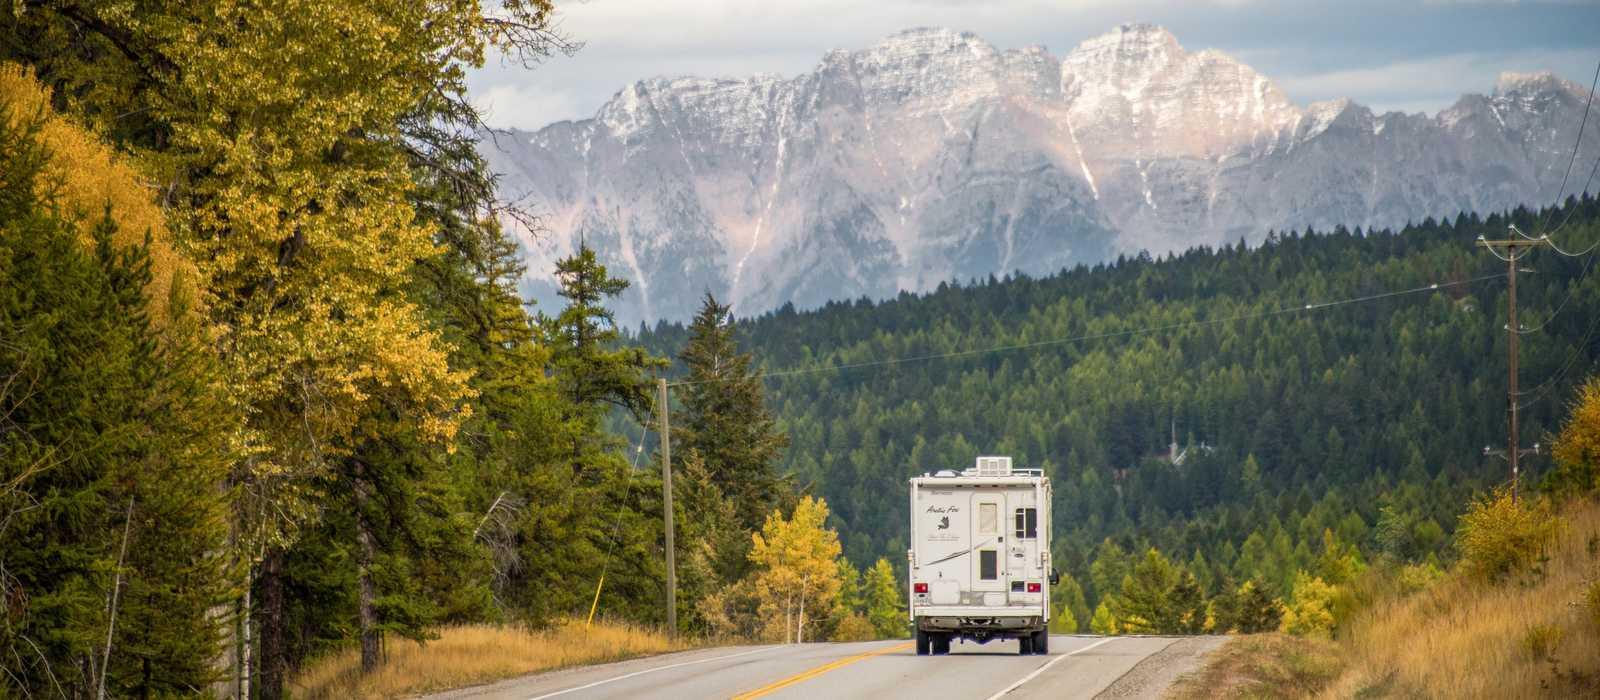 Mit dem Camper auf dem Highway 3 entgegen der Gebirgskette The Steeples in British Columbia fahren